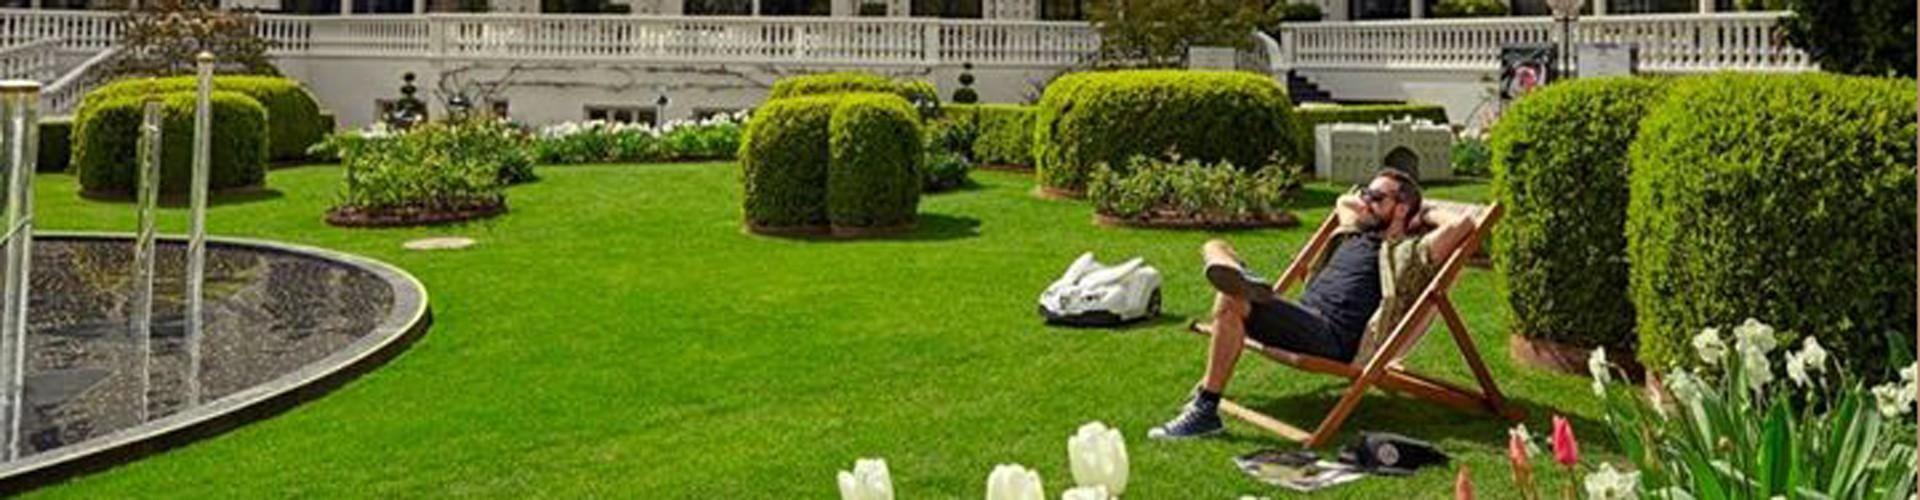 Tjen 25.000 kroner på at se græsset gro